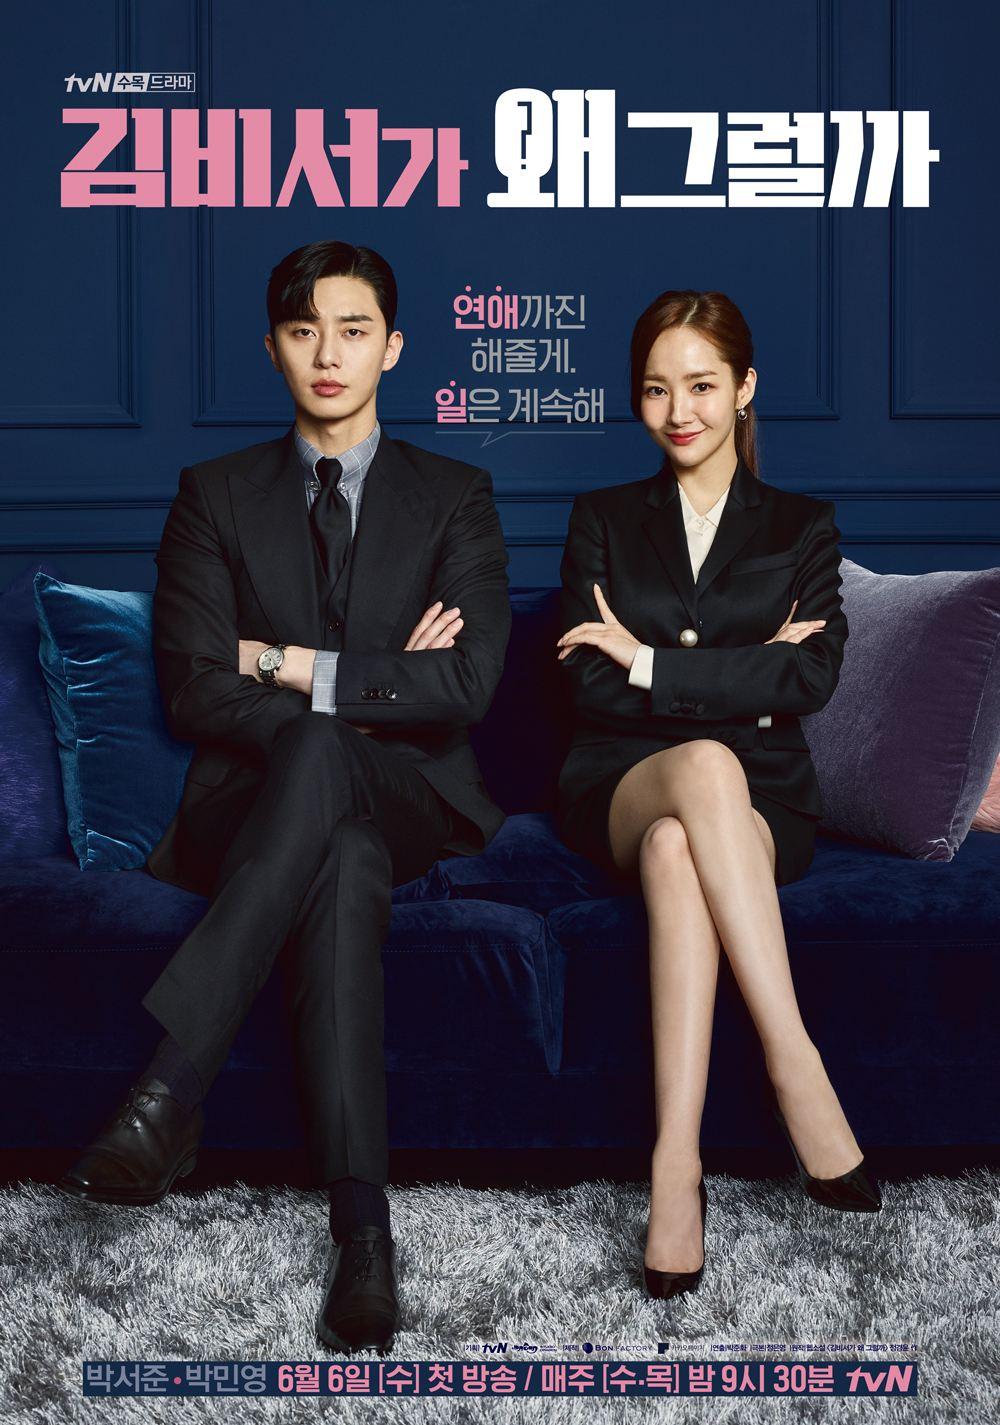 今年7月討論度最高的韓劇,絕對屬《金秘書為何這樣》莫屬啦!由俊男美女組合朴敘俊與朴敏英搭檔,不僅以有線台破8的高收視,寫下完美結局,甚至因為劇中太過粉紅,而傳出兩人的戀愛傳聞